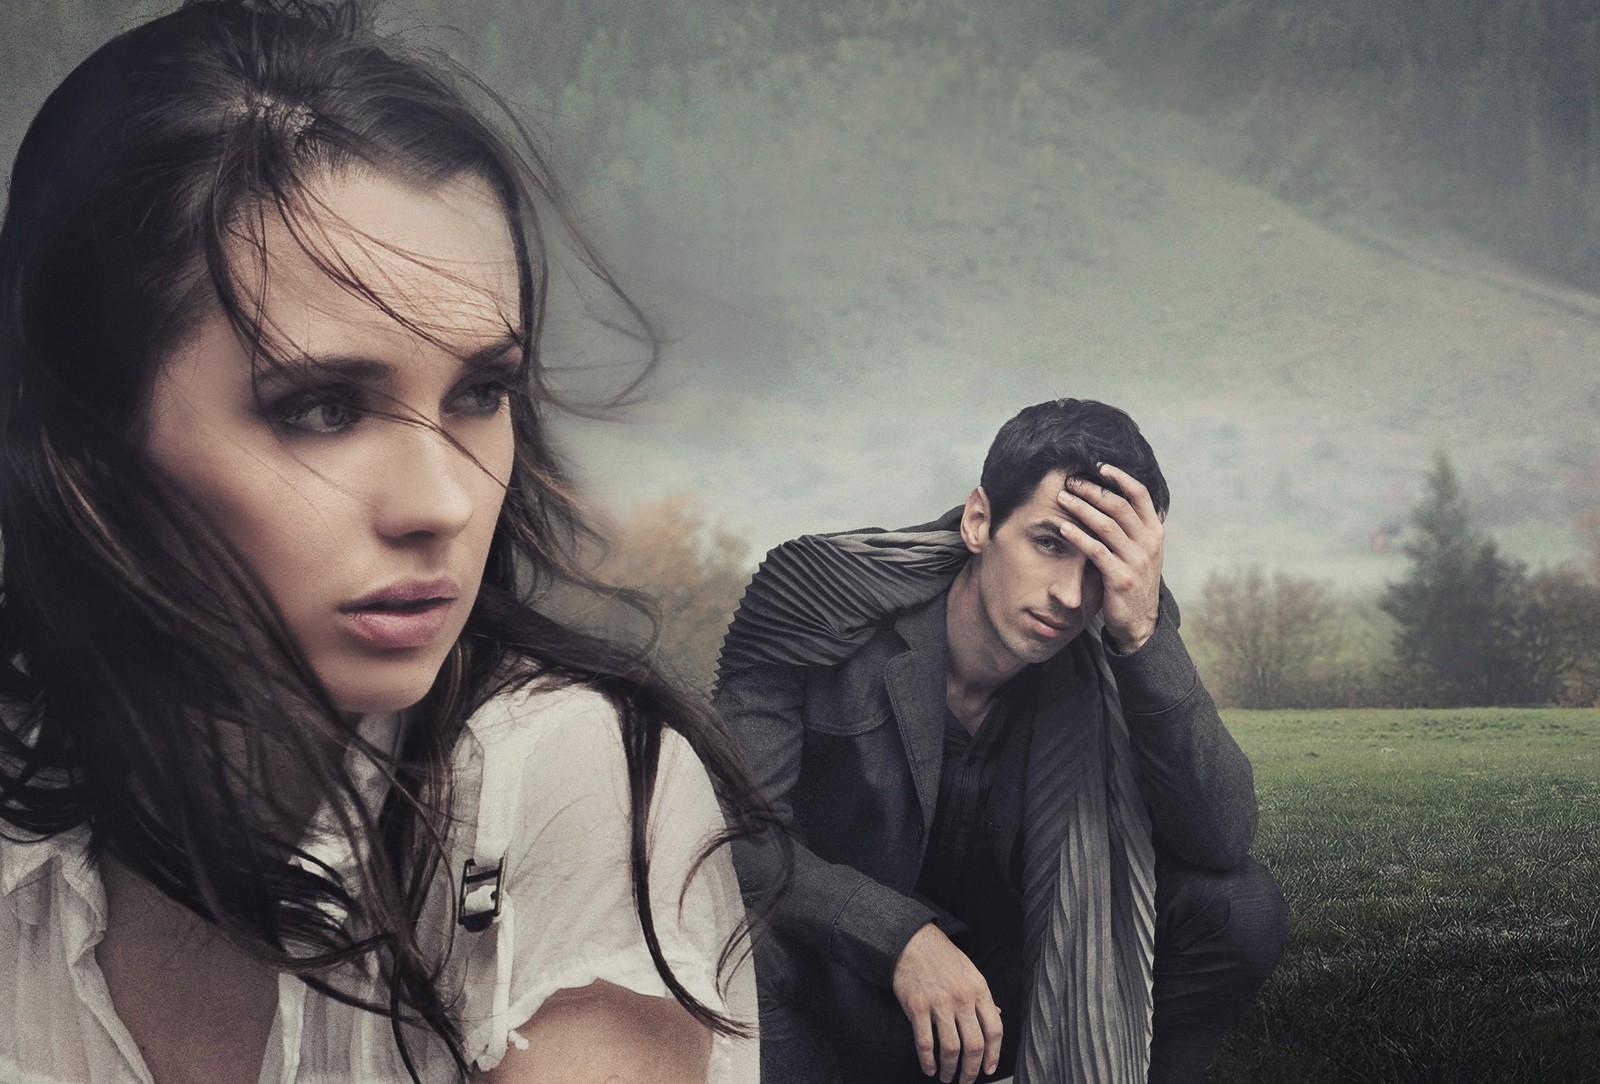 Ученые установили, вчем причины негативной реакции напризнание влюбви